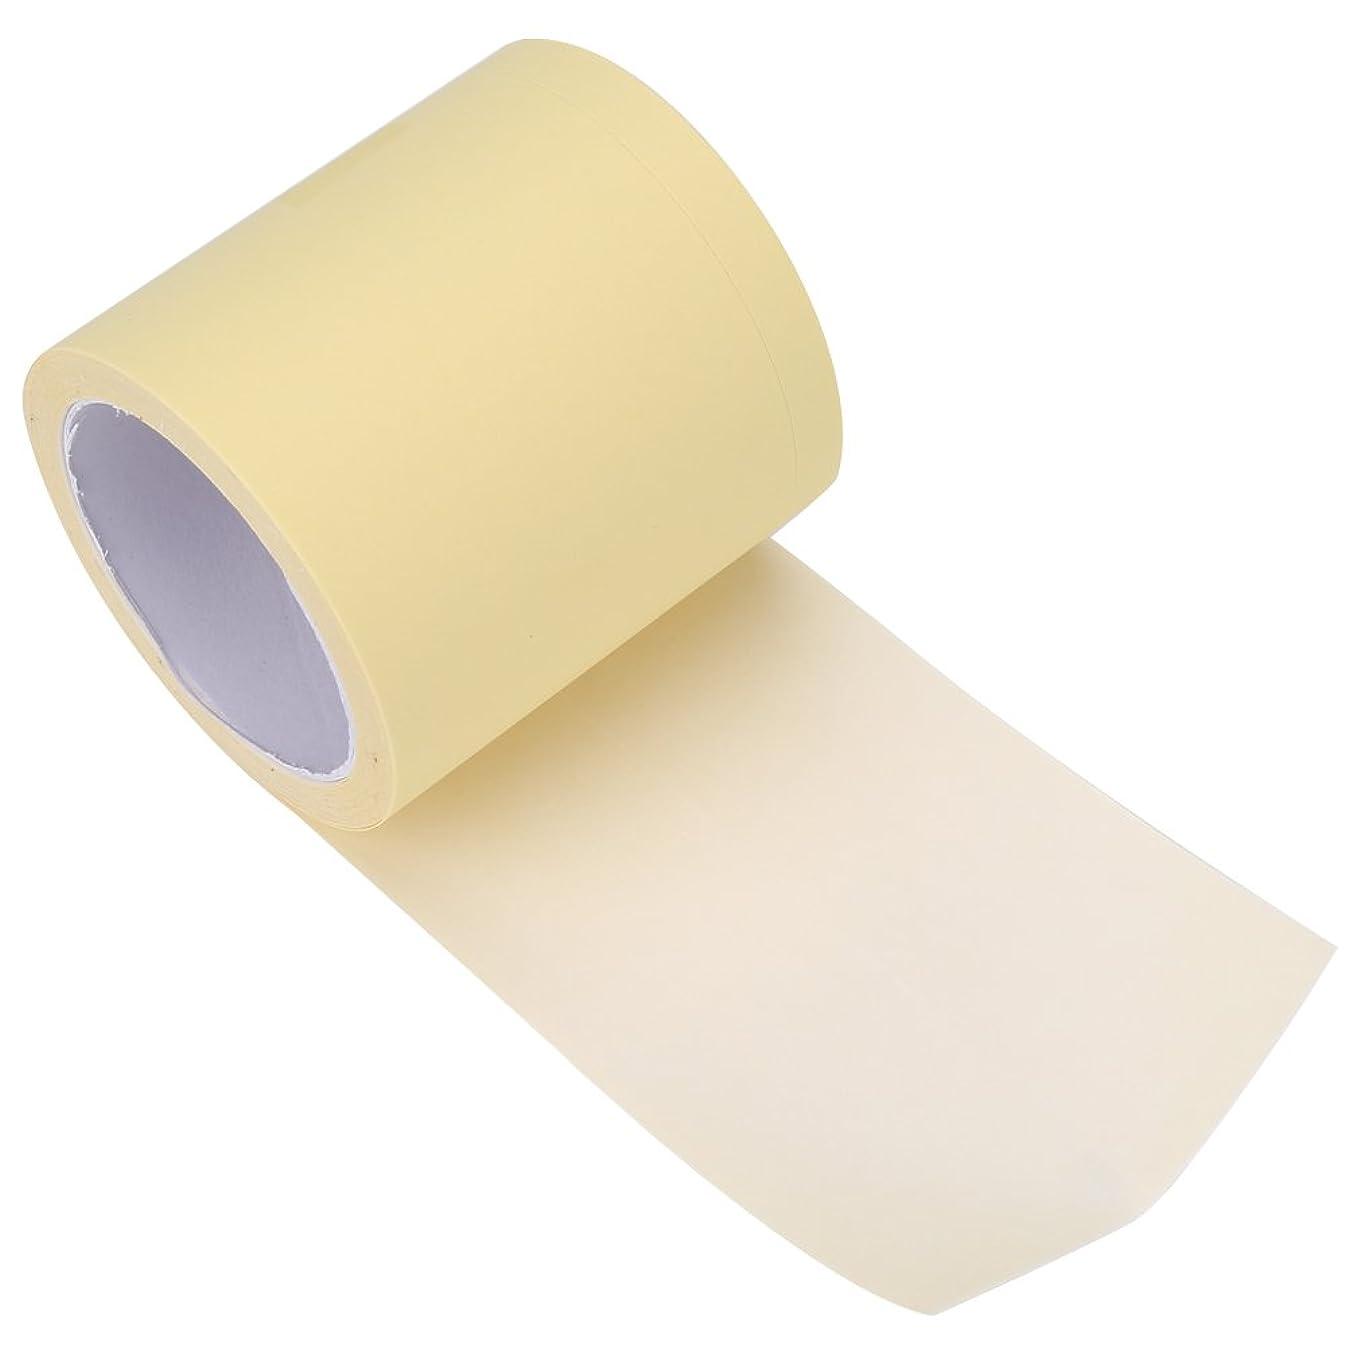 置換校長一般化する汗止めパッド 脇の下 汗パッド 汗とりシート ワキに直接貼る汗取りパッド 脇の汗染み防止 ロールタイプ 皮膚に優しい 抗菌加工 男女兼用 透明